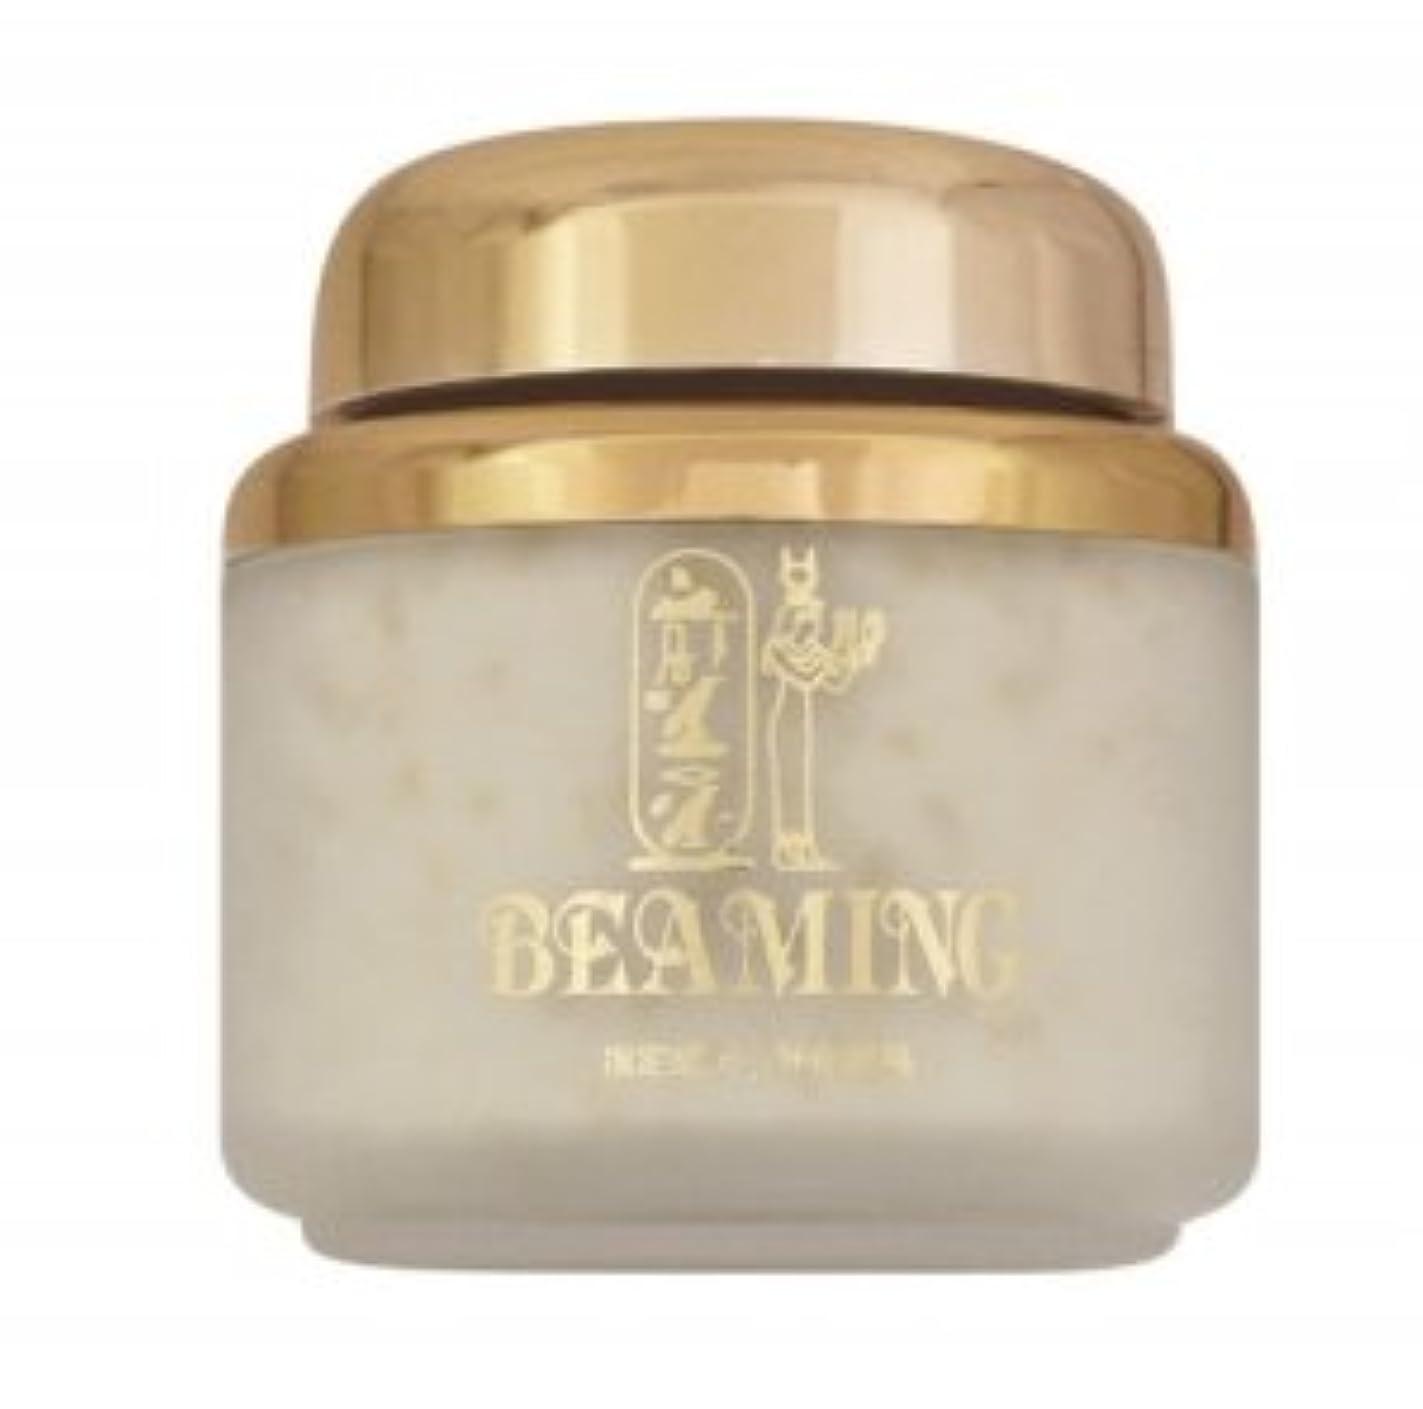 ビーミングシリーズ 100% 無添加 美容界の奇跡 超高級 純金箔 錆びない肌 究極の スキンケアセット クレオパトラ の 基礎化粧品 クレンジング 洗顔 日本製 (ビーミングゴールドウォッシング)